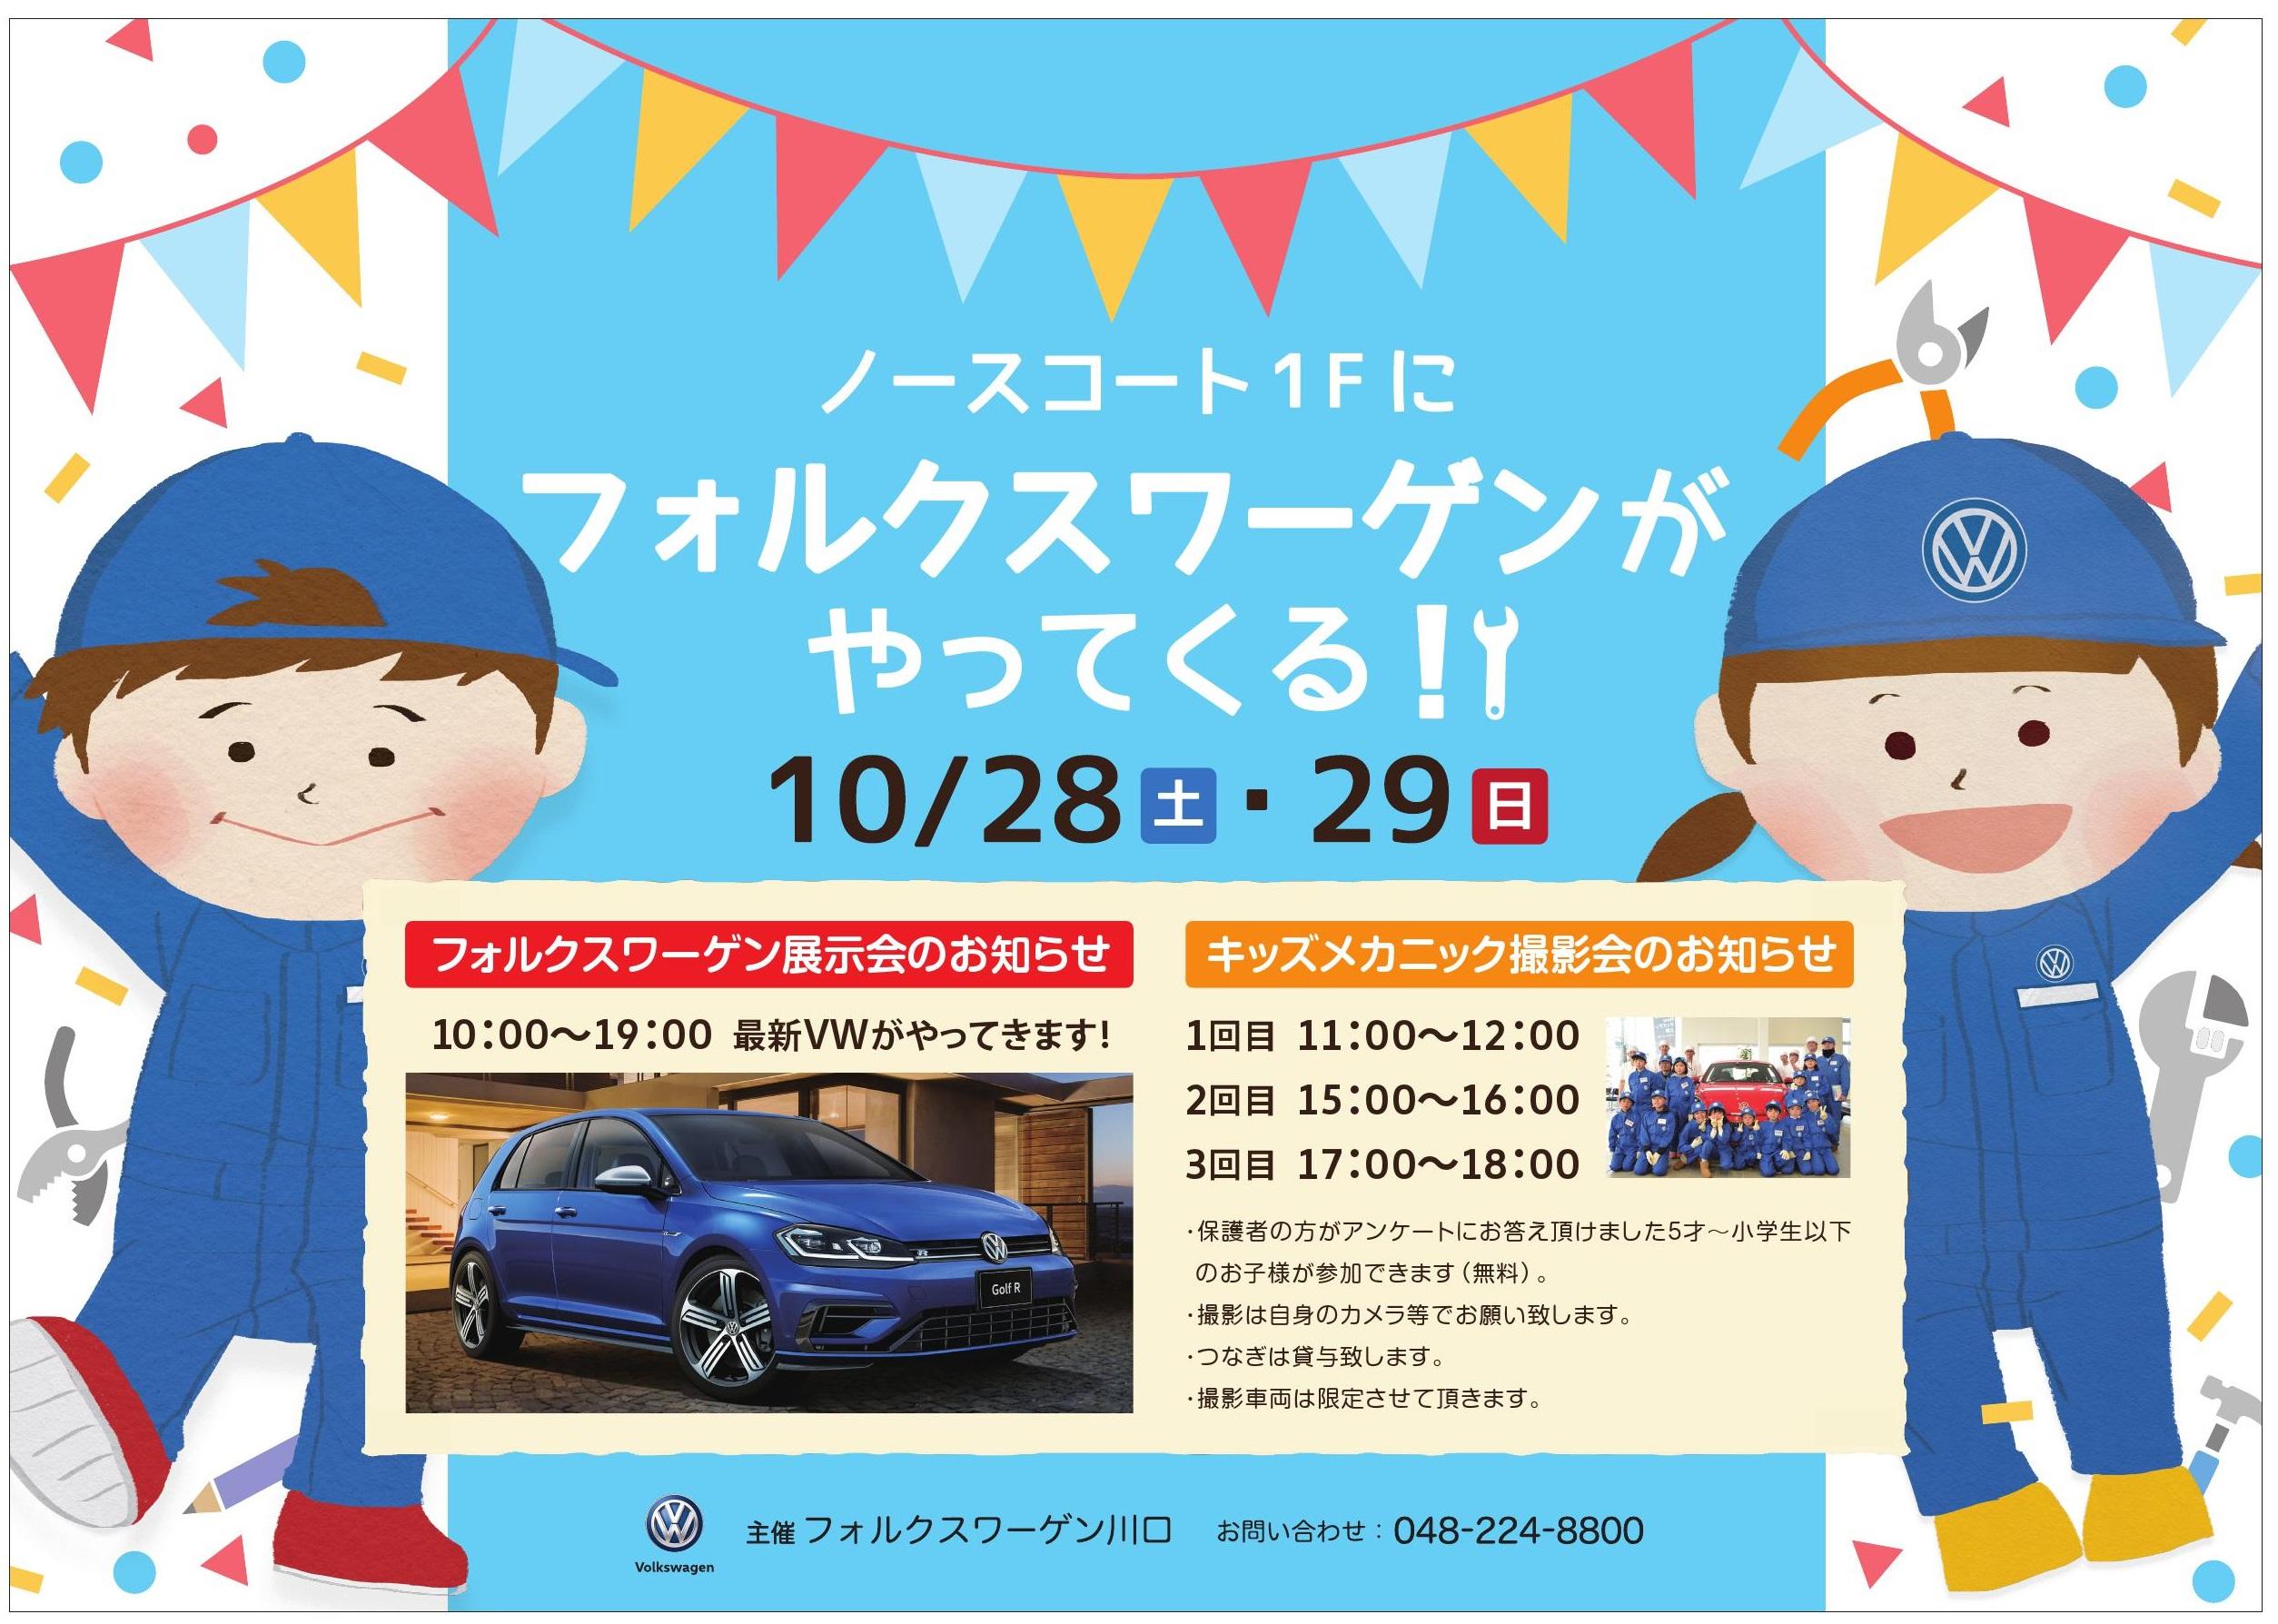 イオン前川 展示イベントポスター_000001